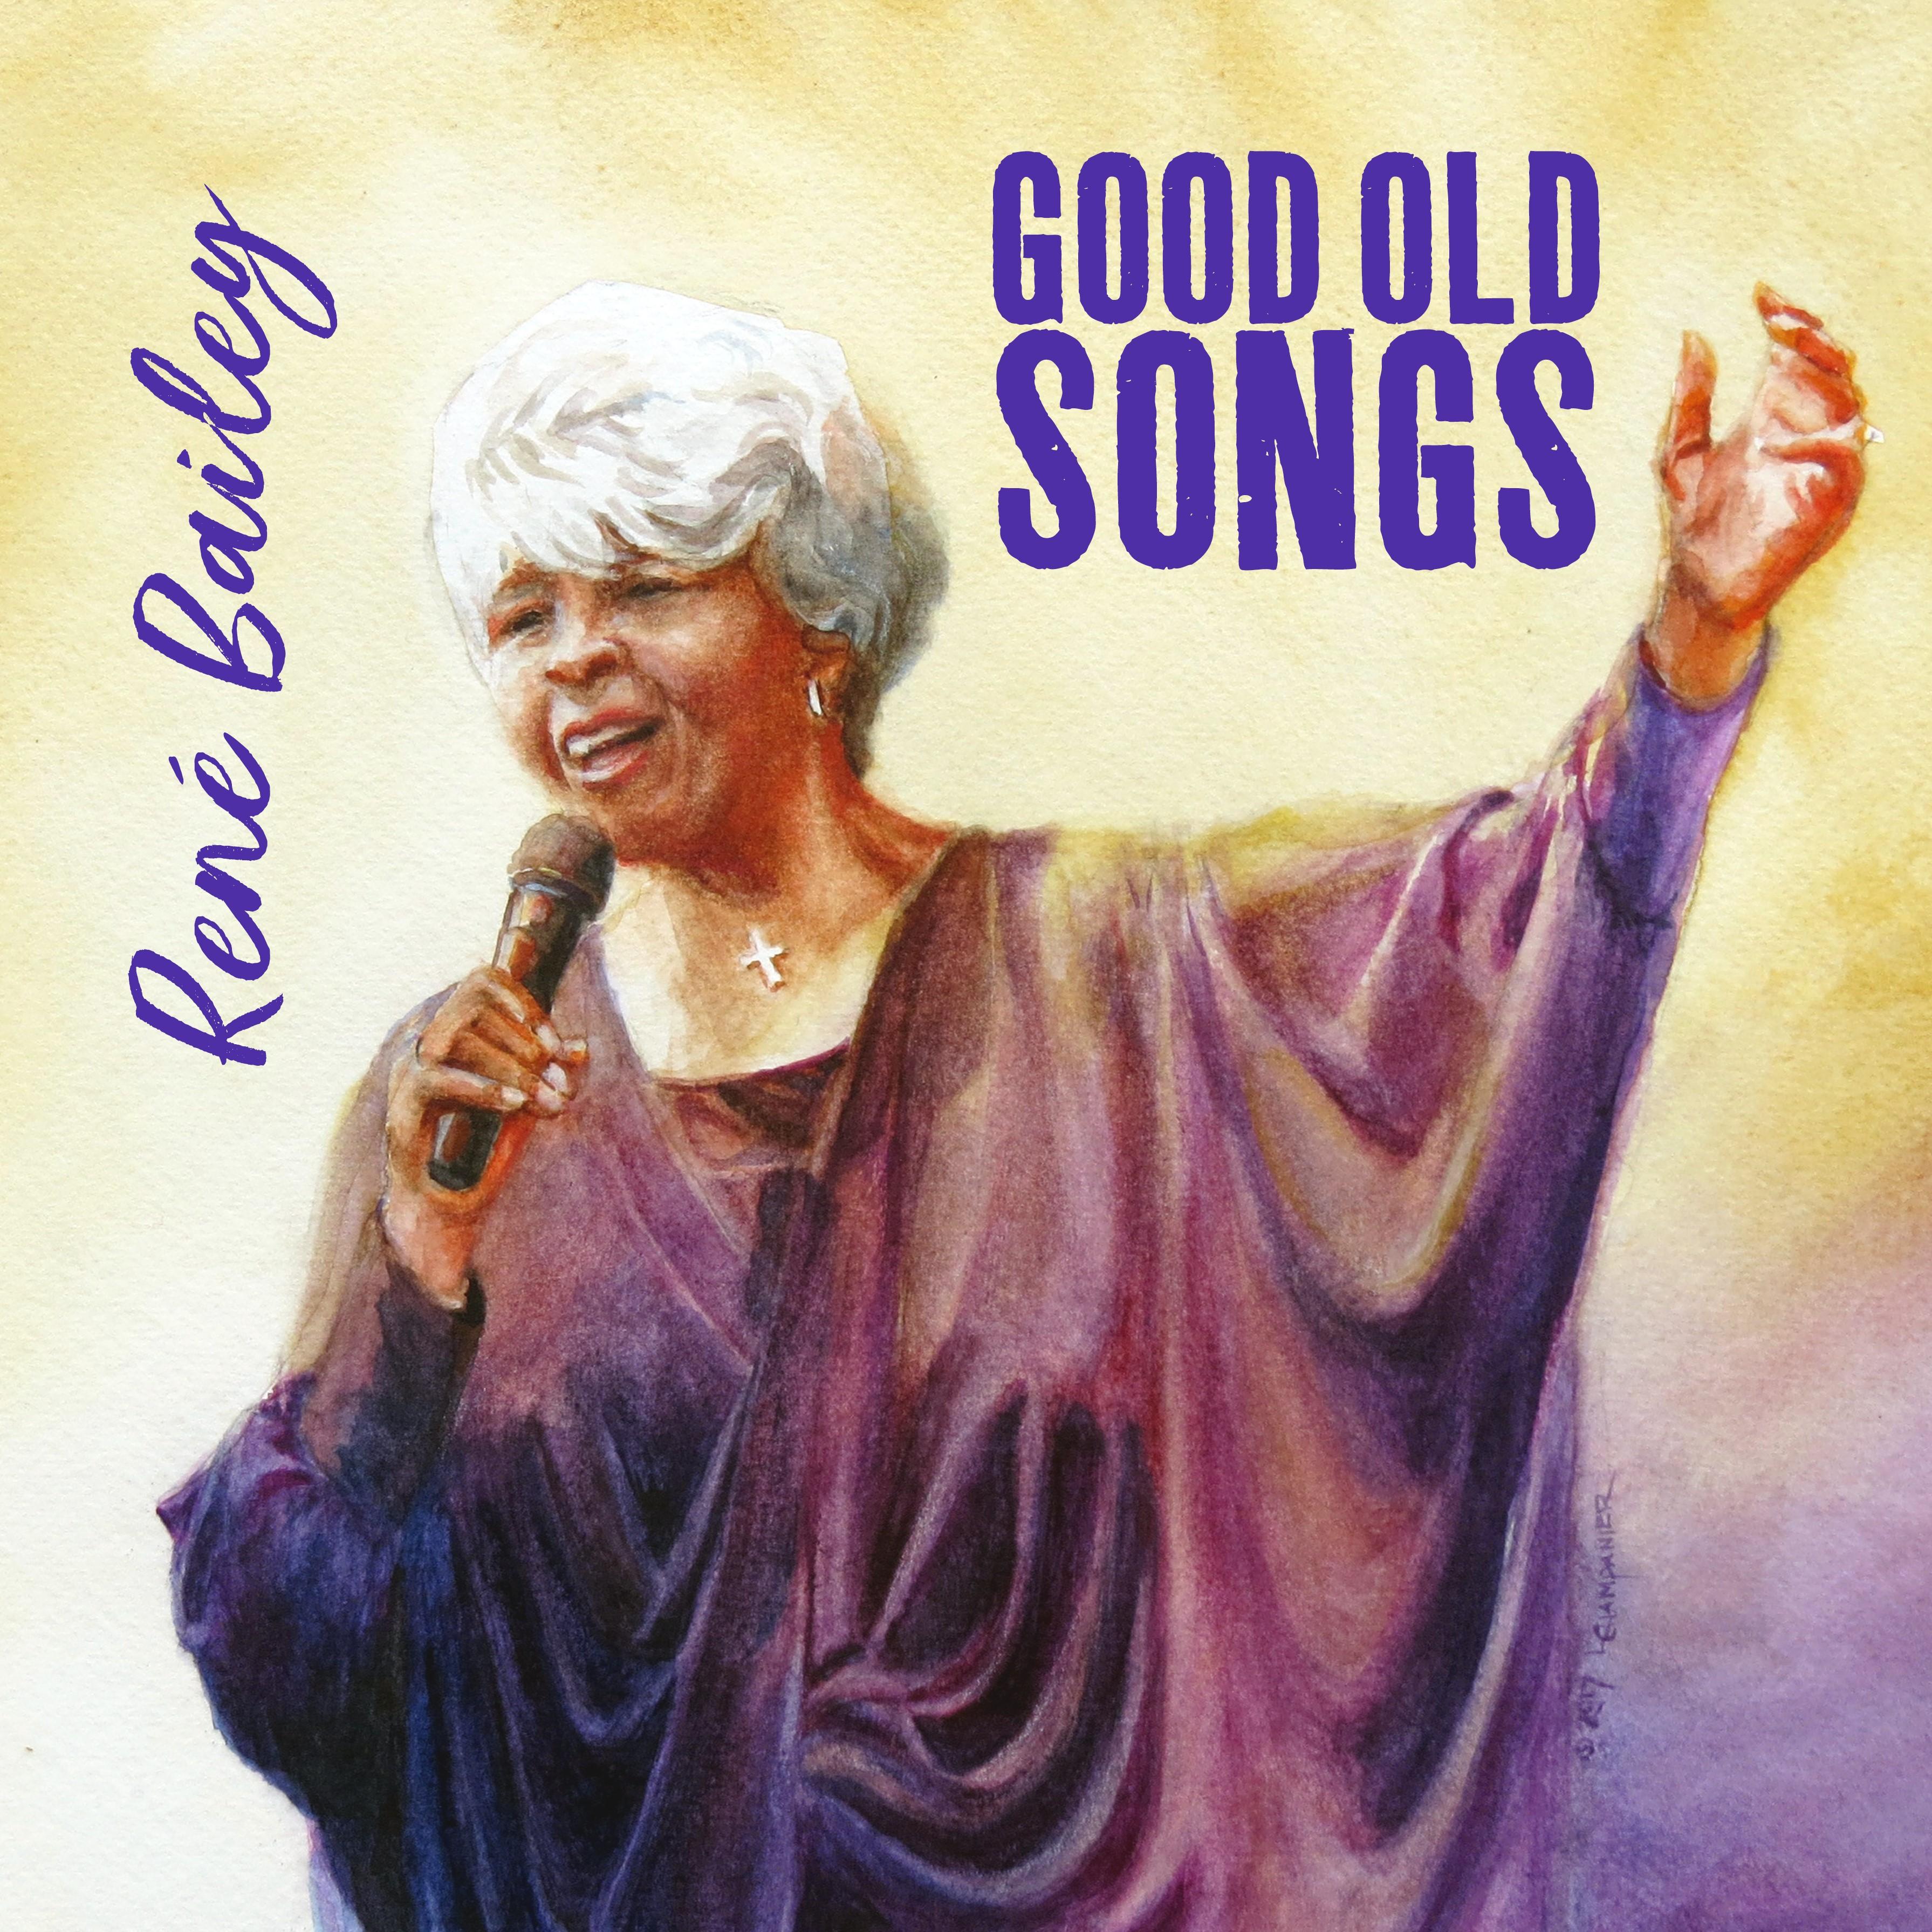 Good gay songs